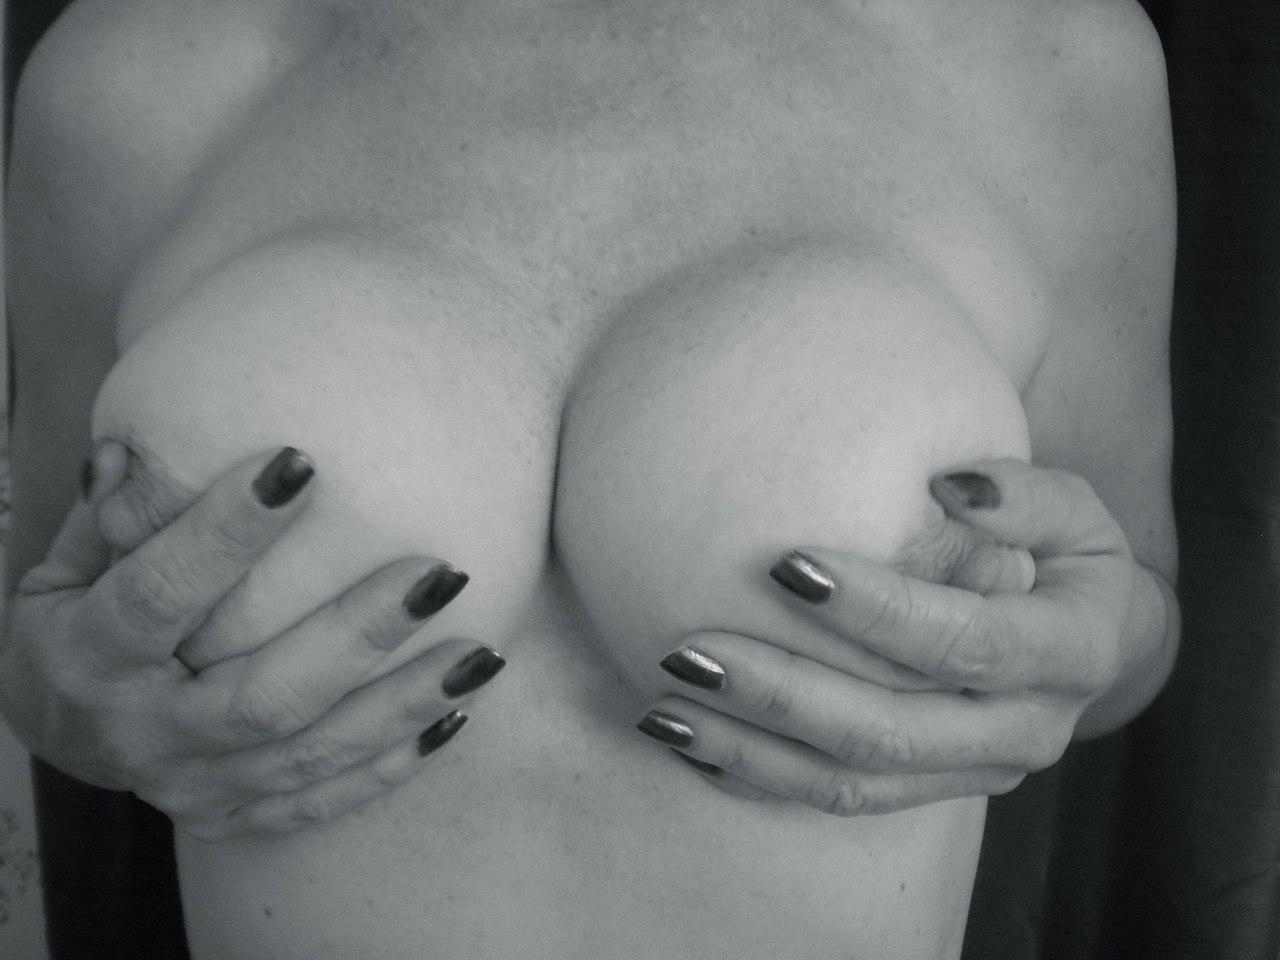 Again more sex